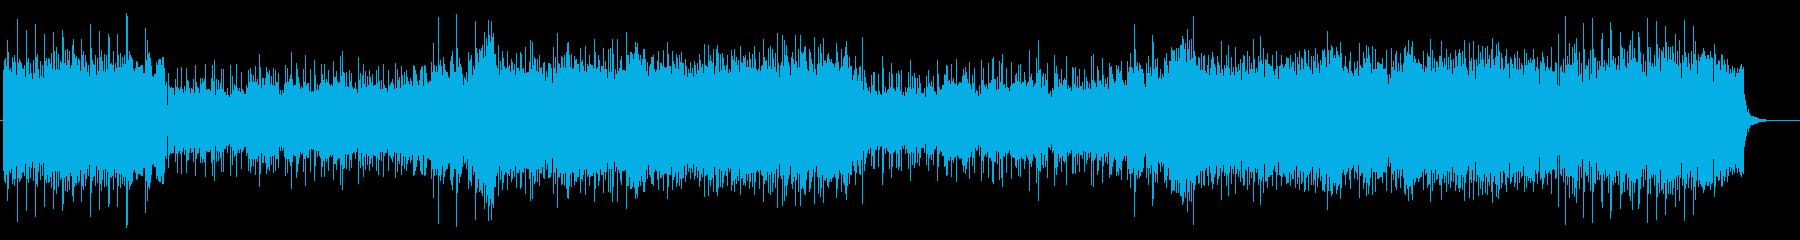 タイトル・バック向けテーマ・ミュージックの再生済みの波形